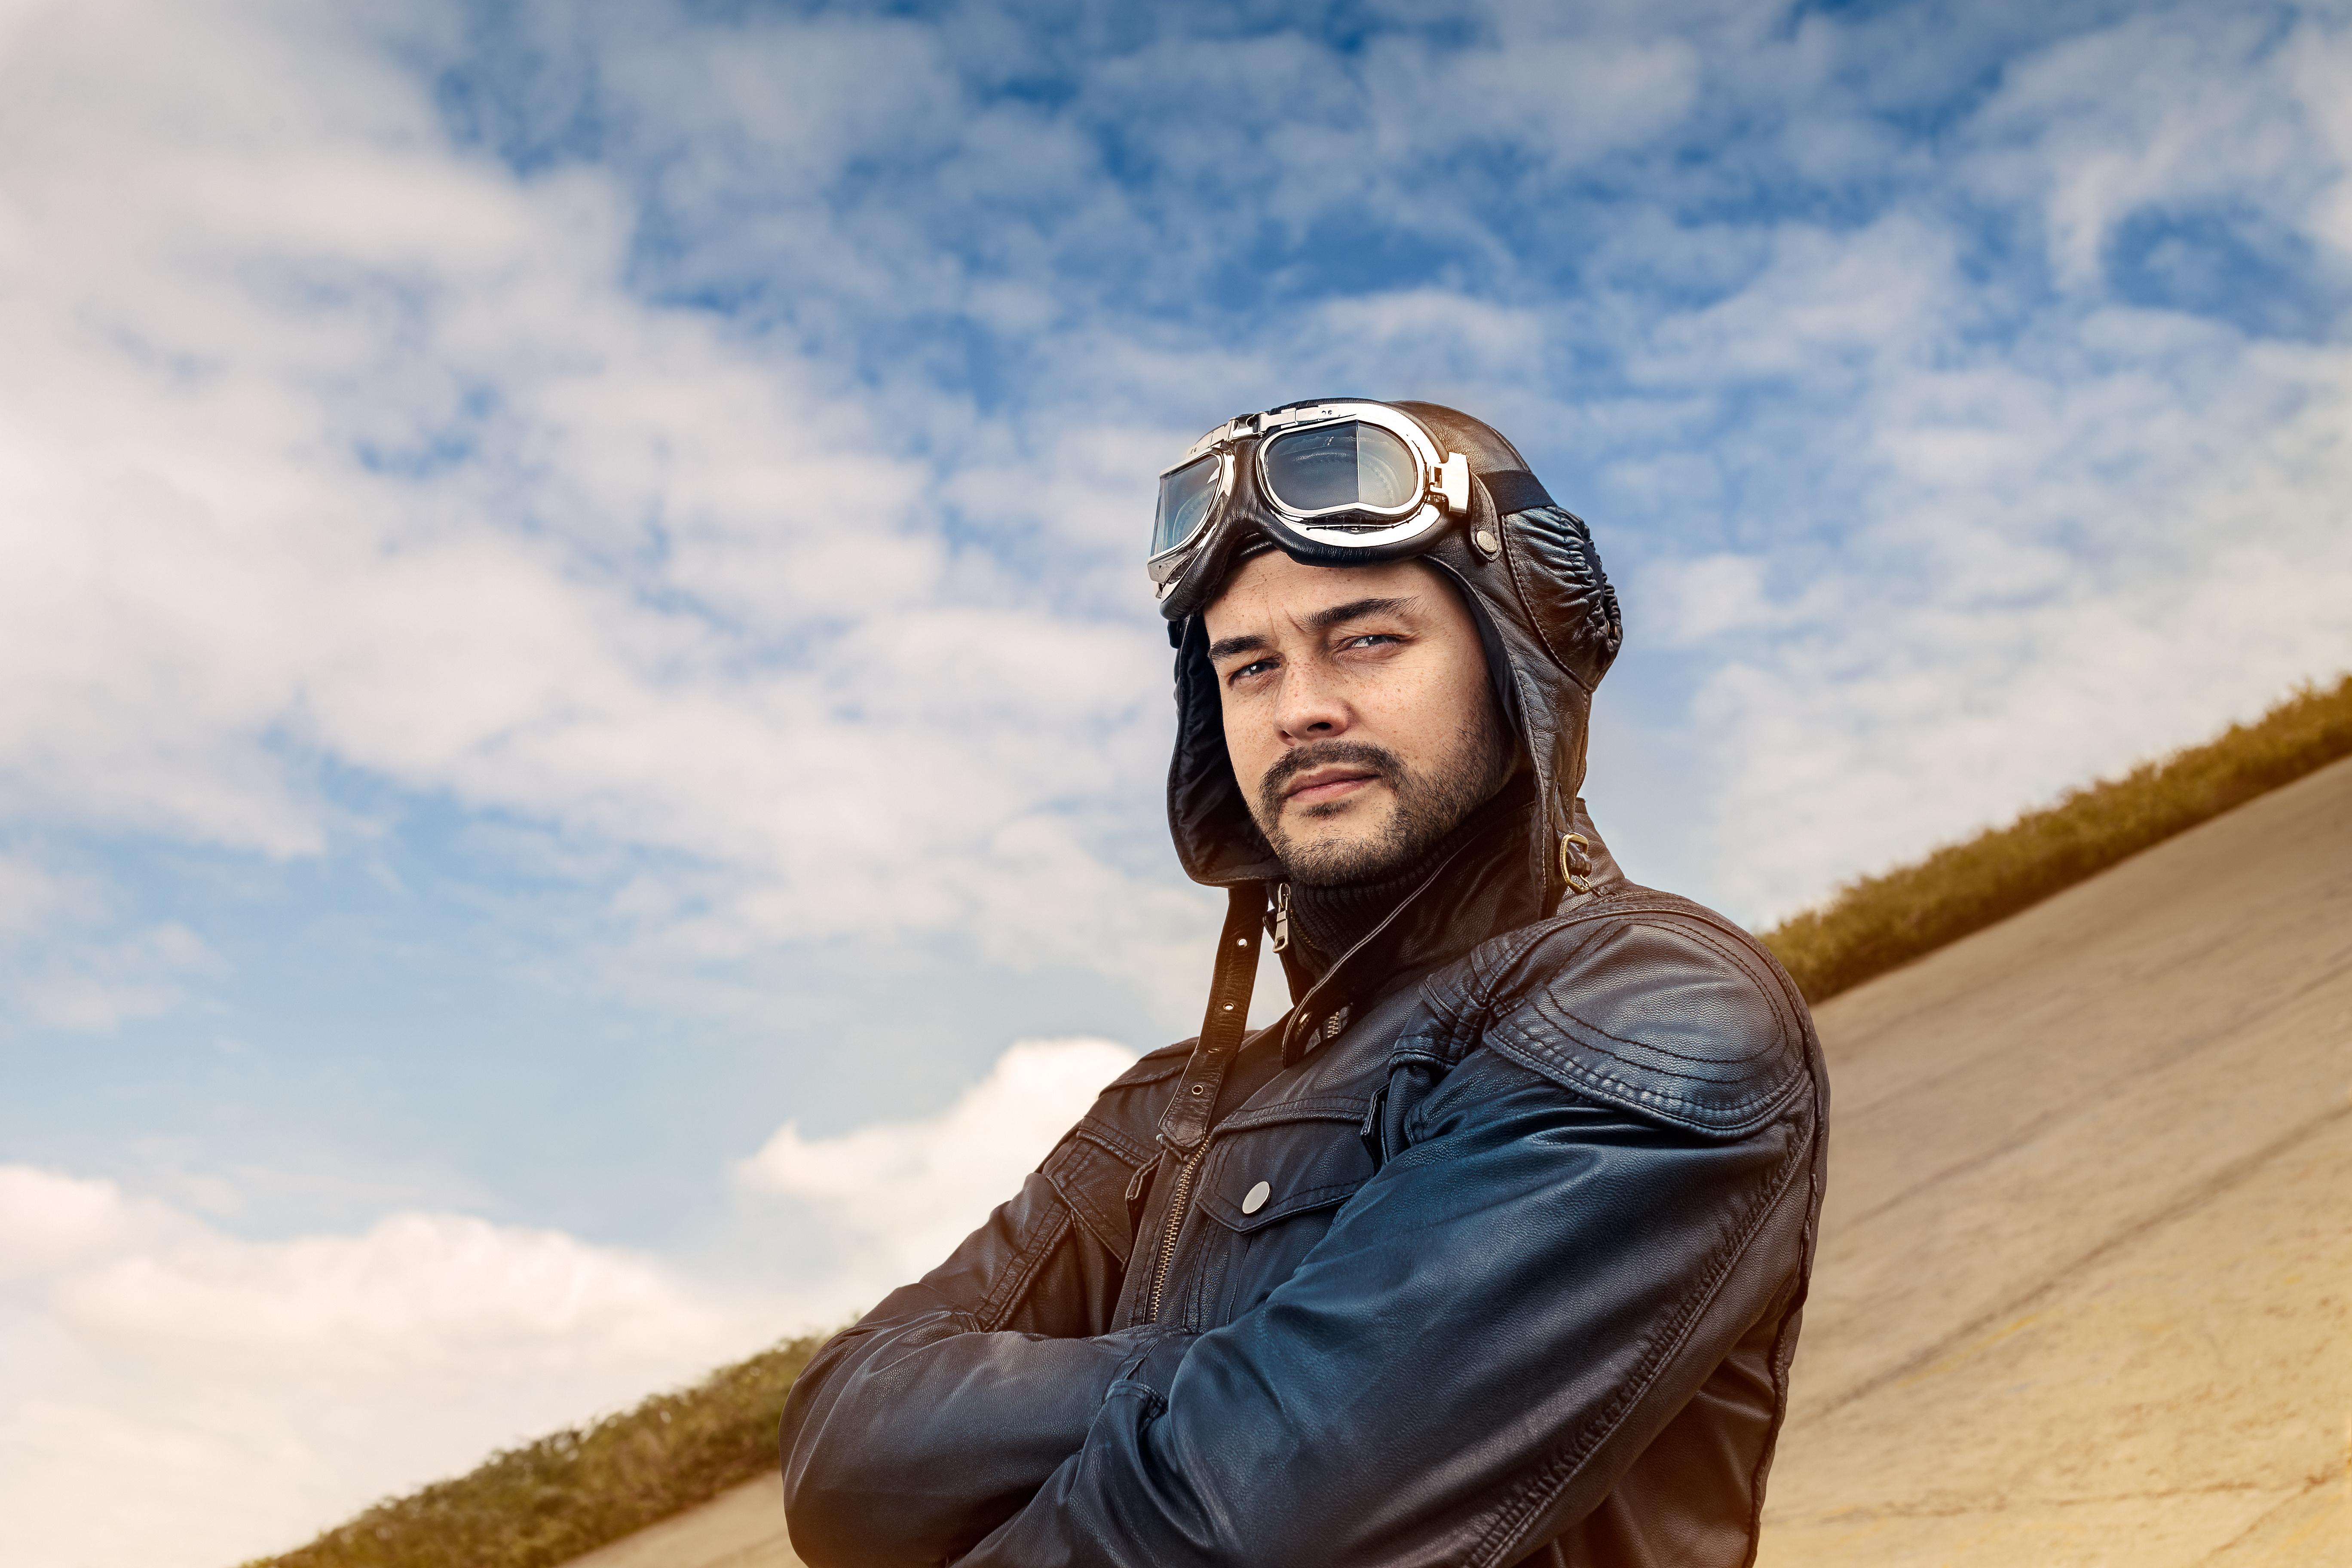 男性に人気のフライトジャケット 革の特徴と基本のお手入れ方法